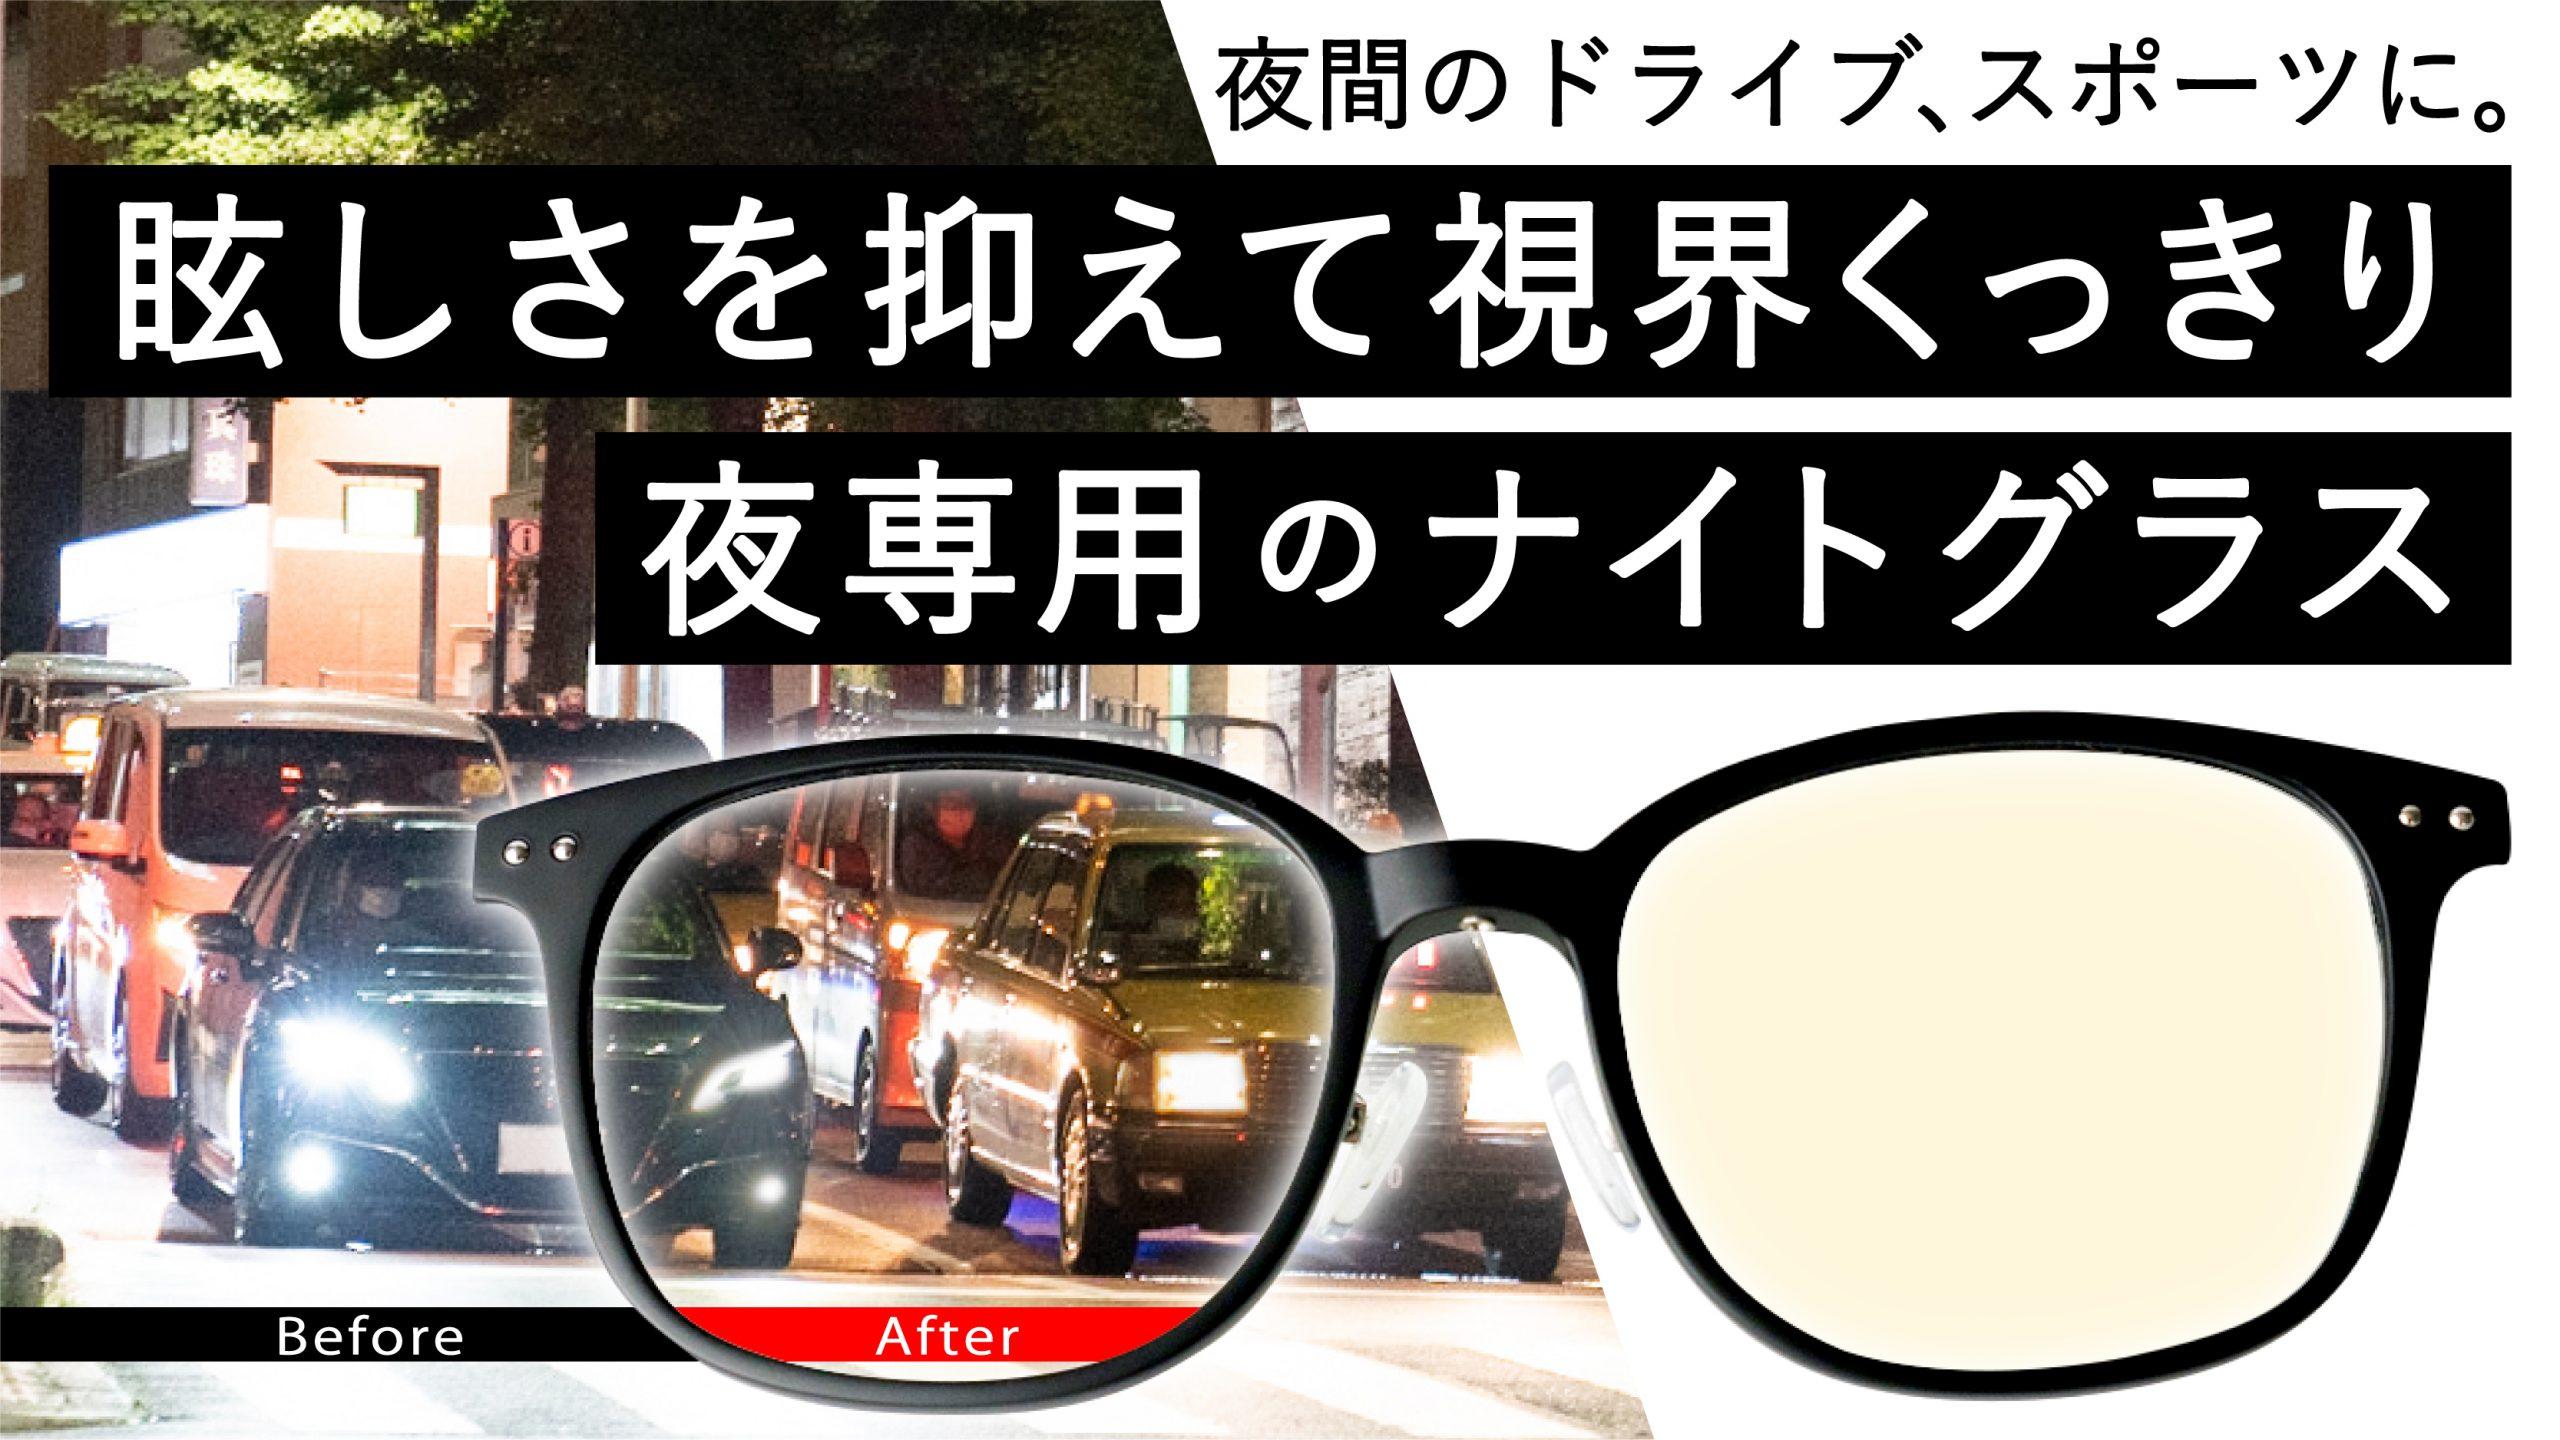 夜専用のメガネ! 視力をサポートする「ナイトグラス」